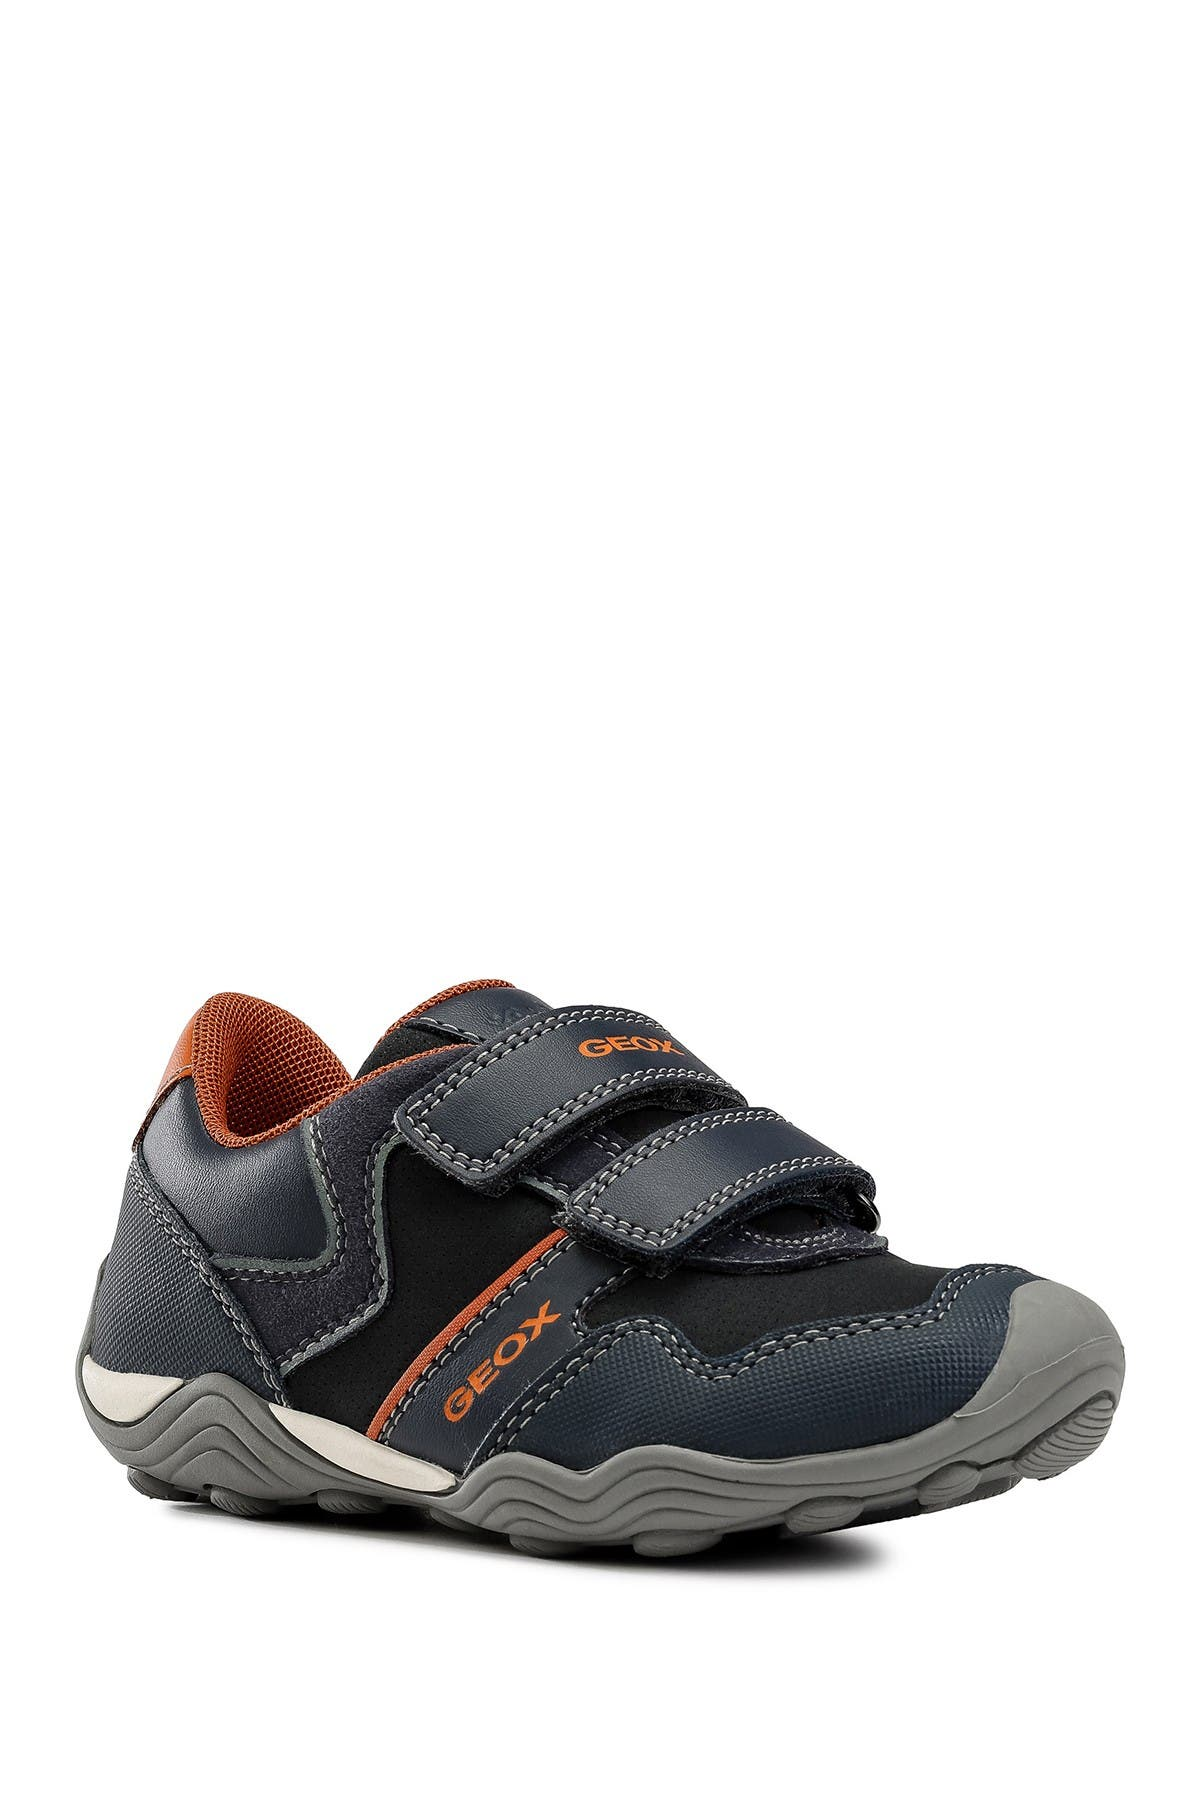 GEOX | Arno 17 Sneaker | Nordstrom Rack